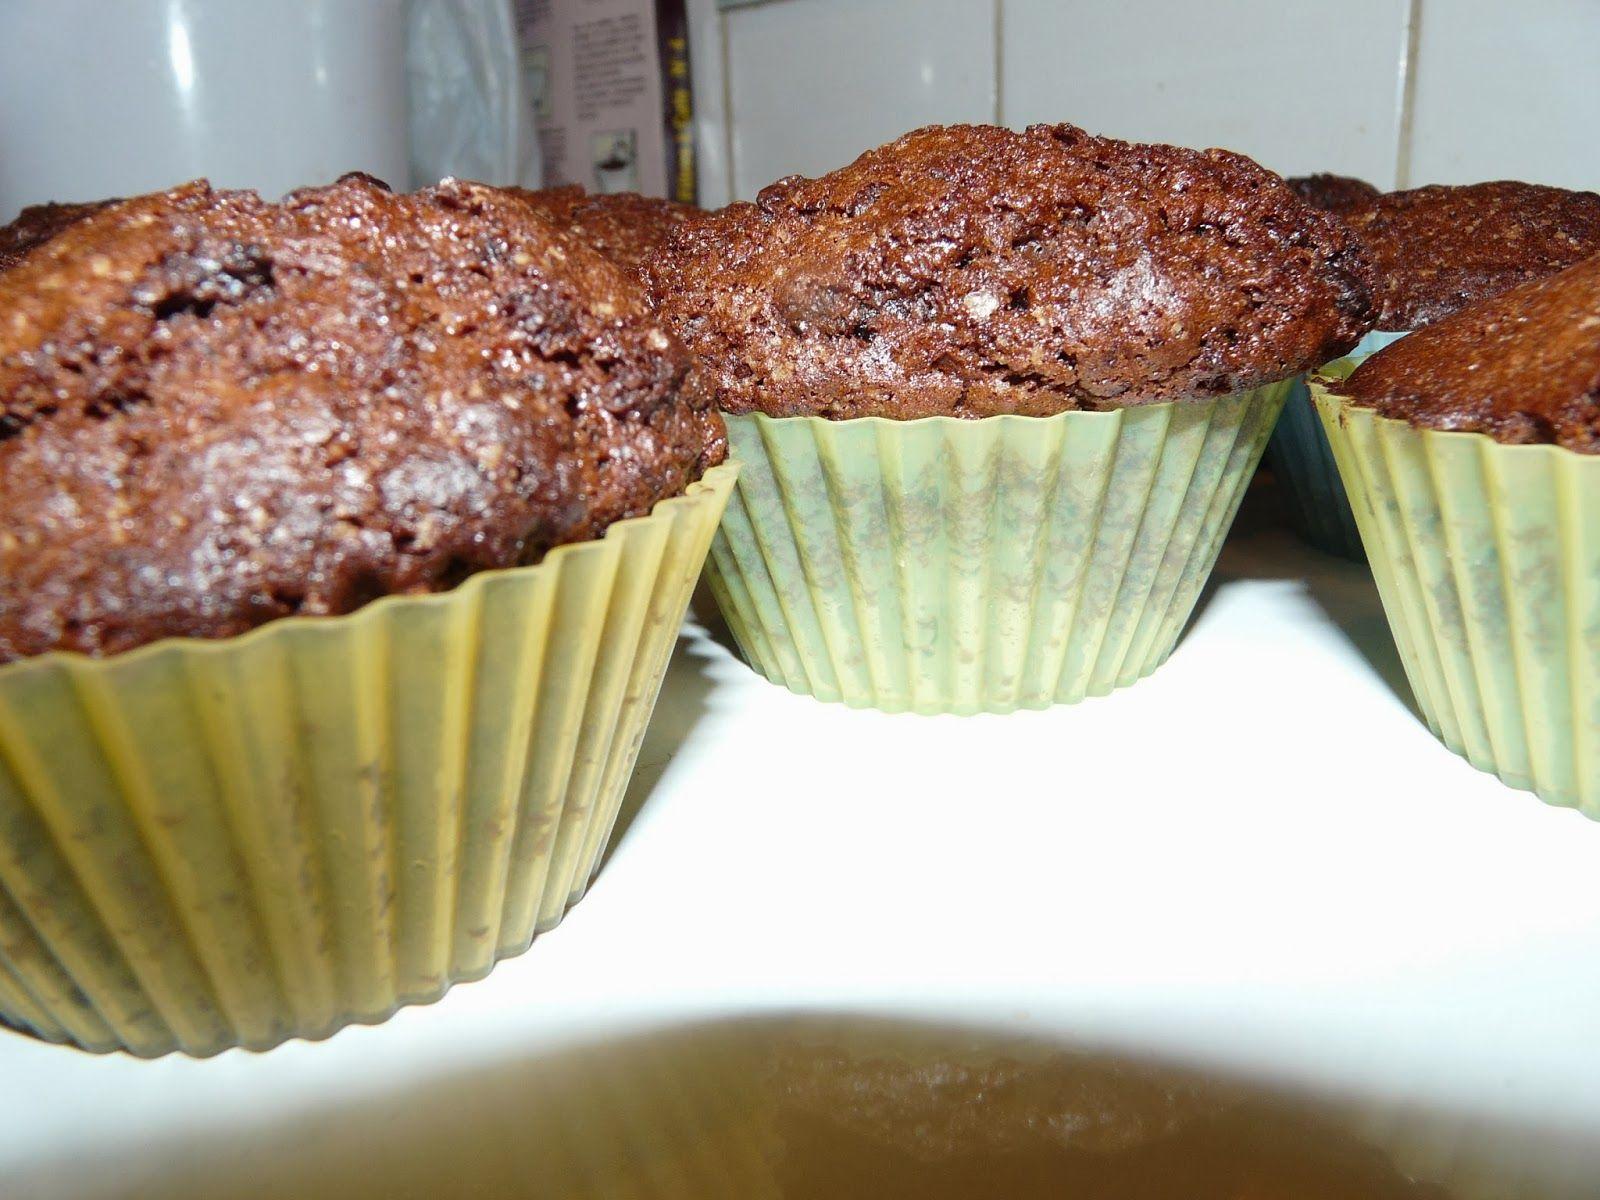 Recettes d'une mère de famille nombreuse: Muffins au chocolat